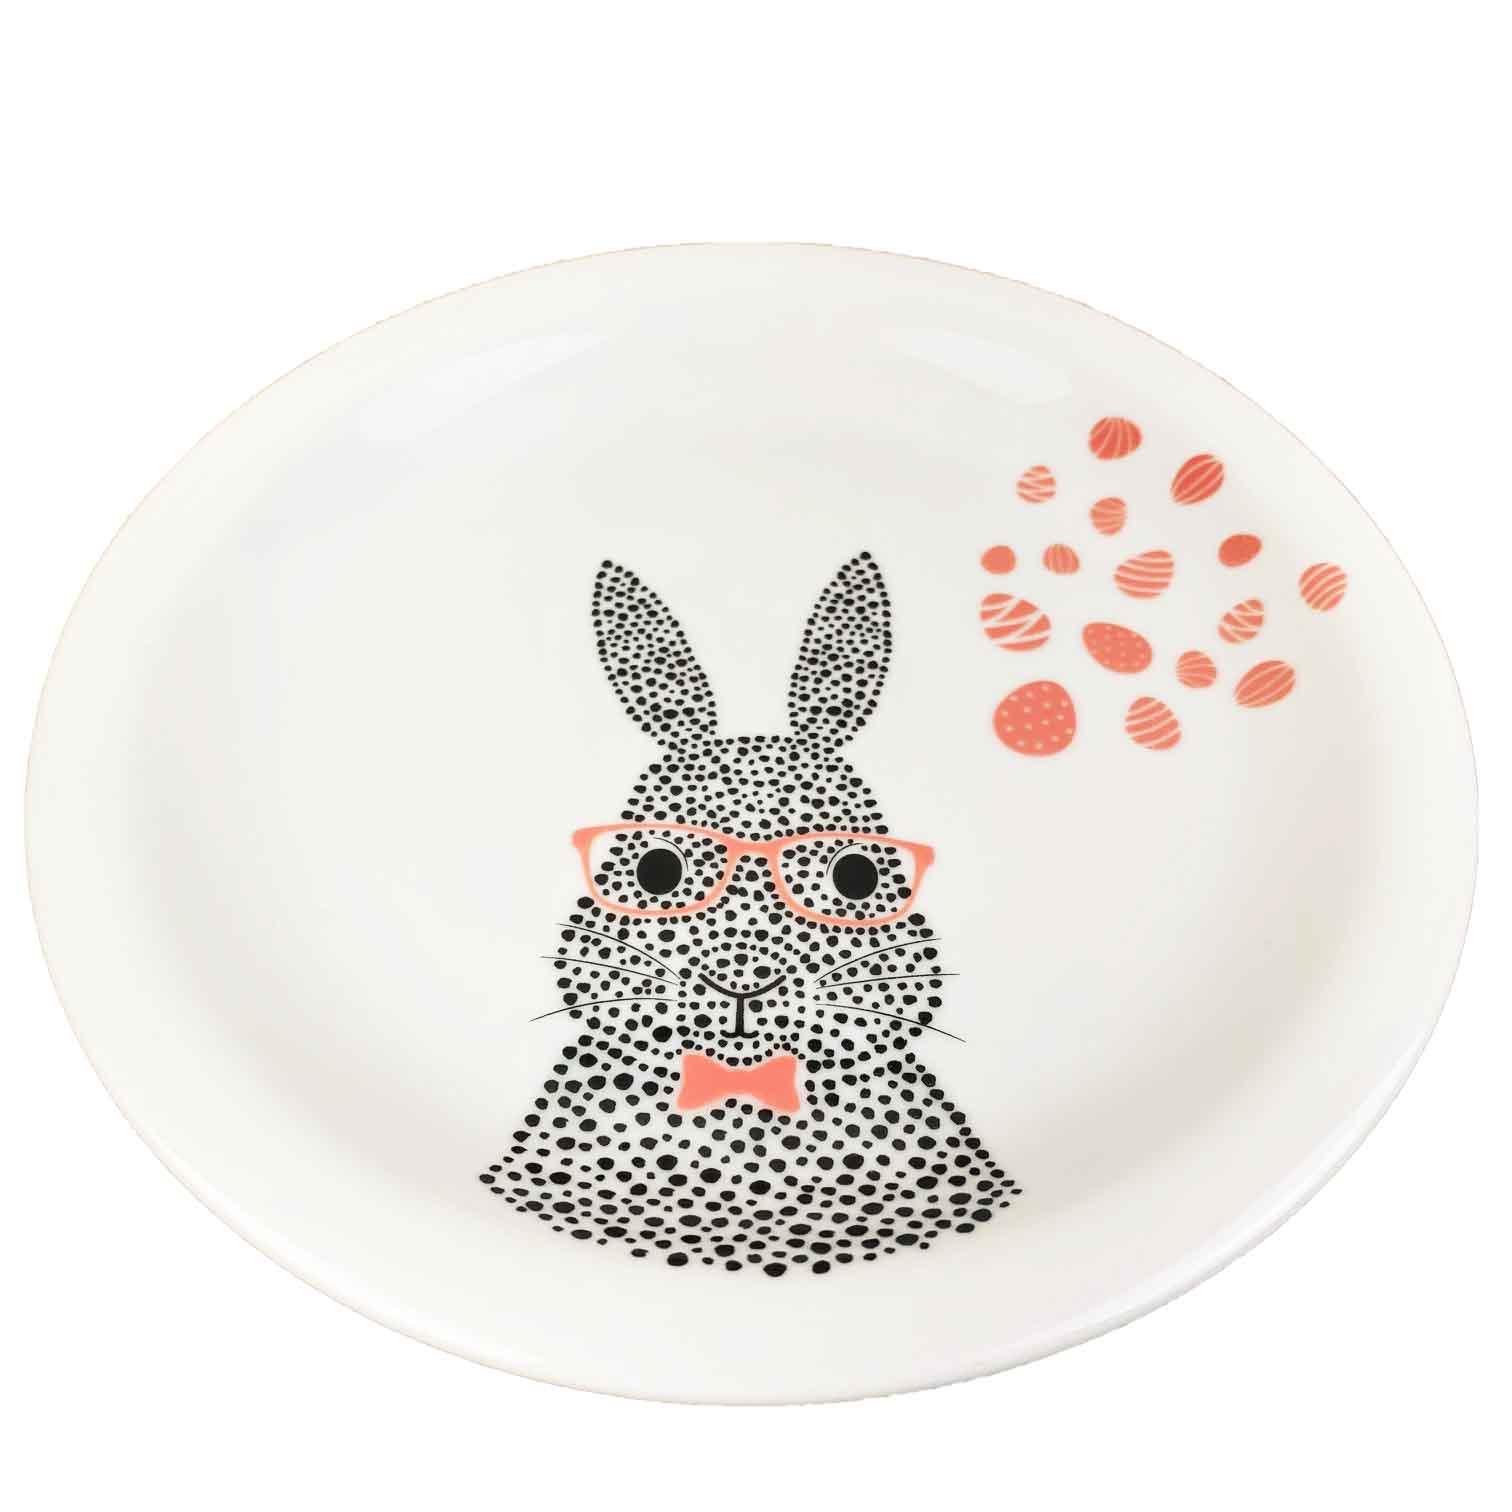 Prato de Sobremesa Bunny, em porcelana, 18,7cm de diâmetro, coleção exclusiva  Jardim de Páscoa